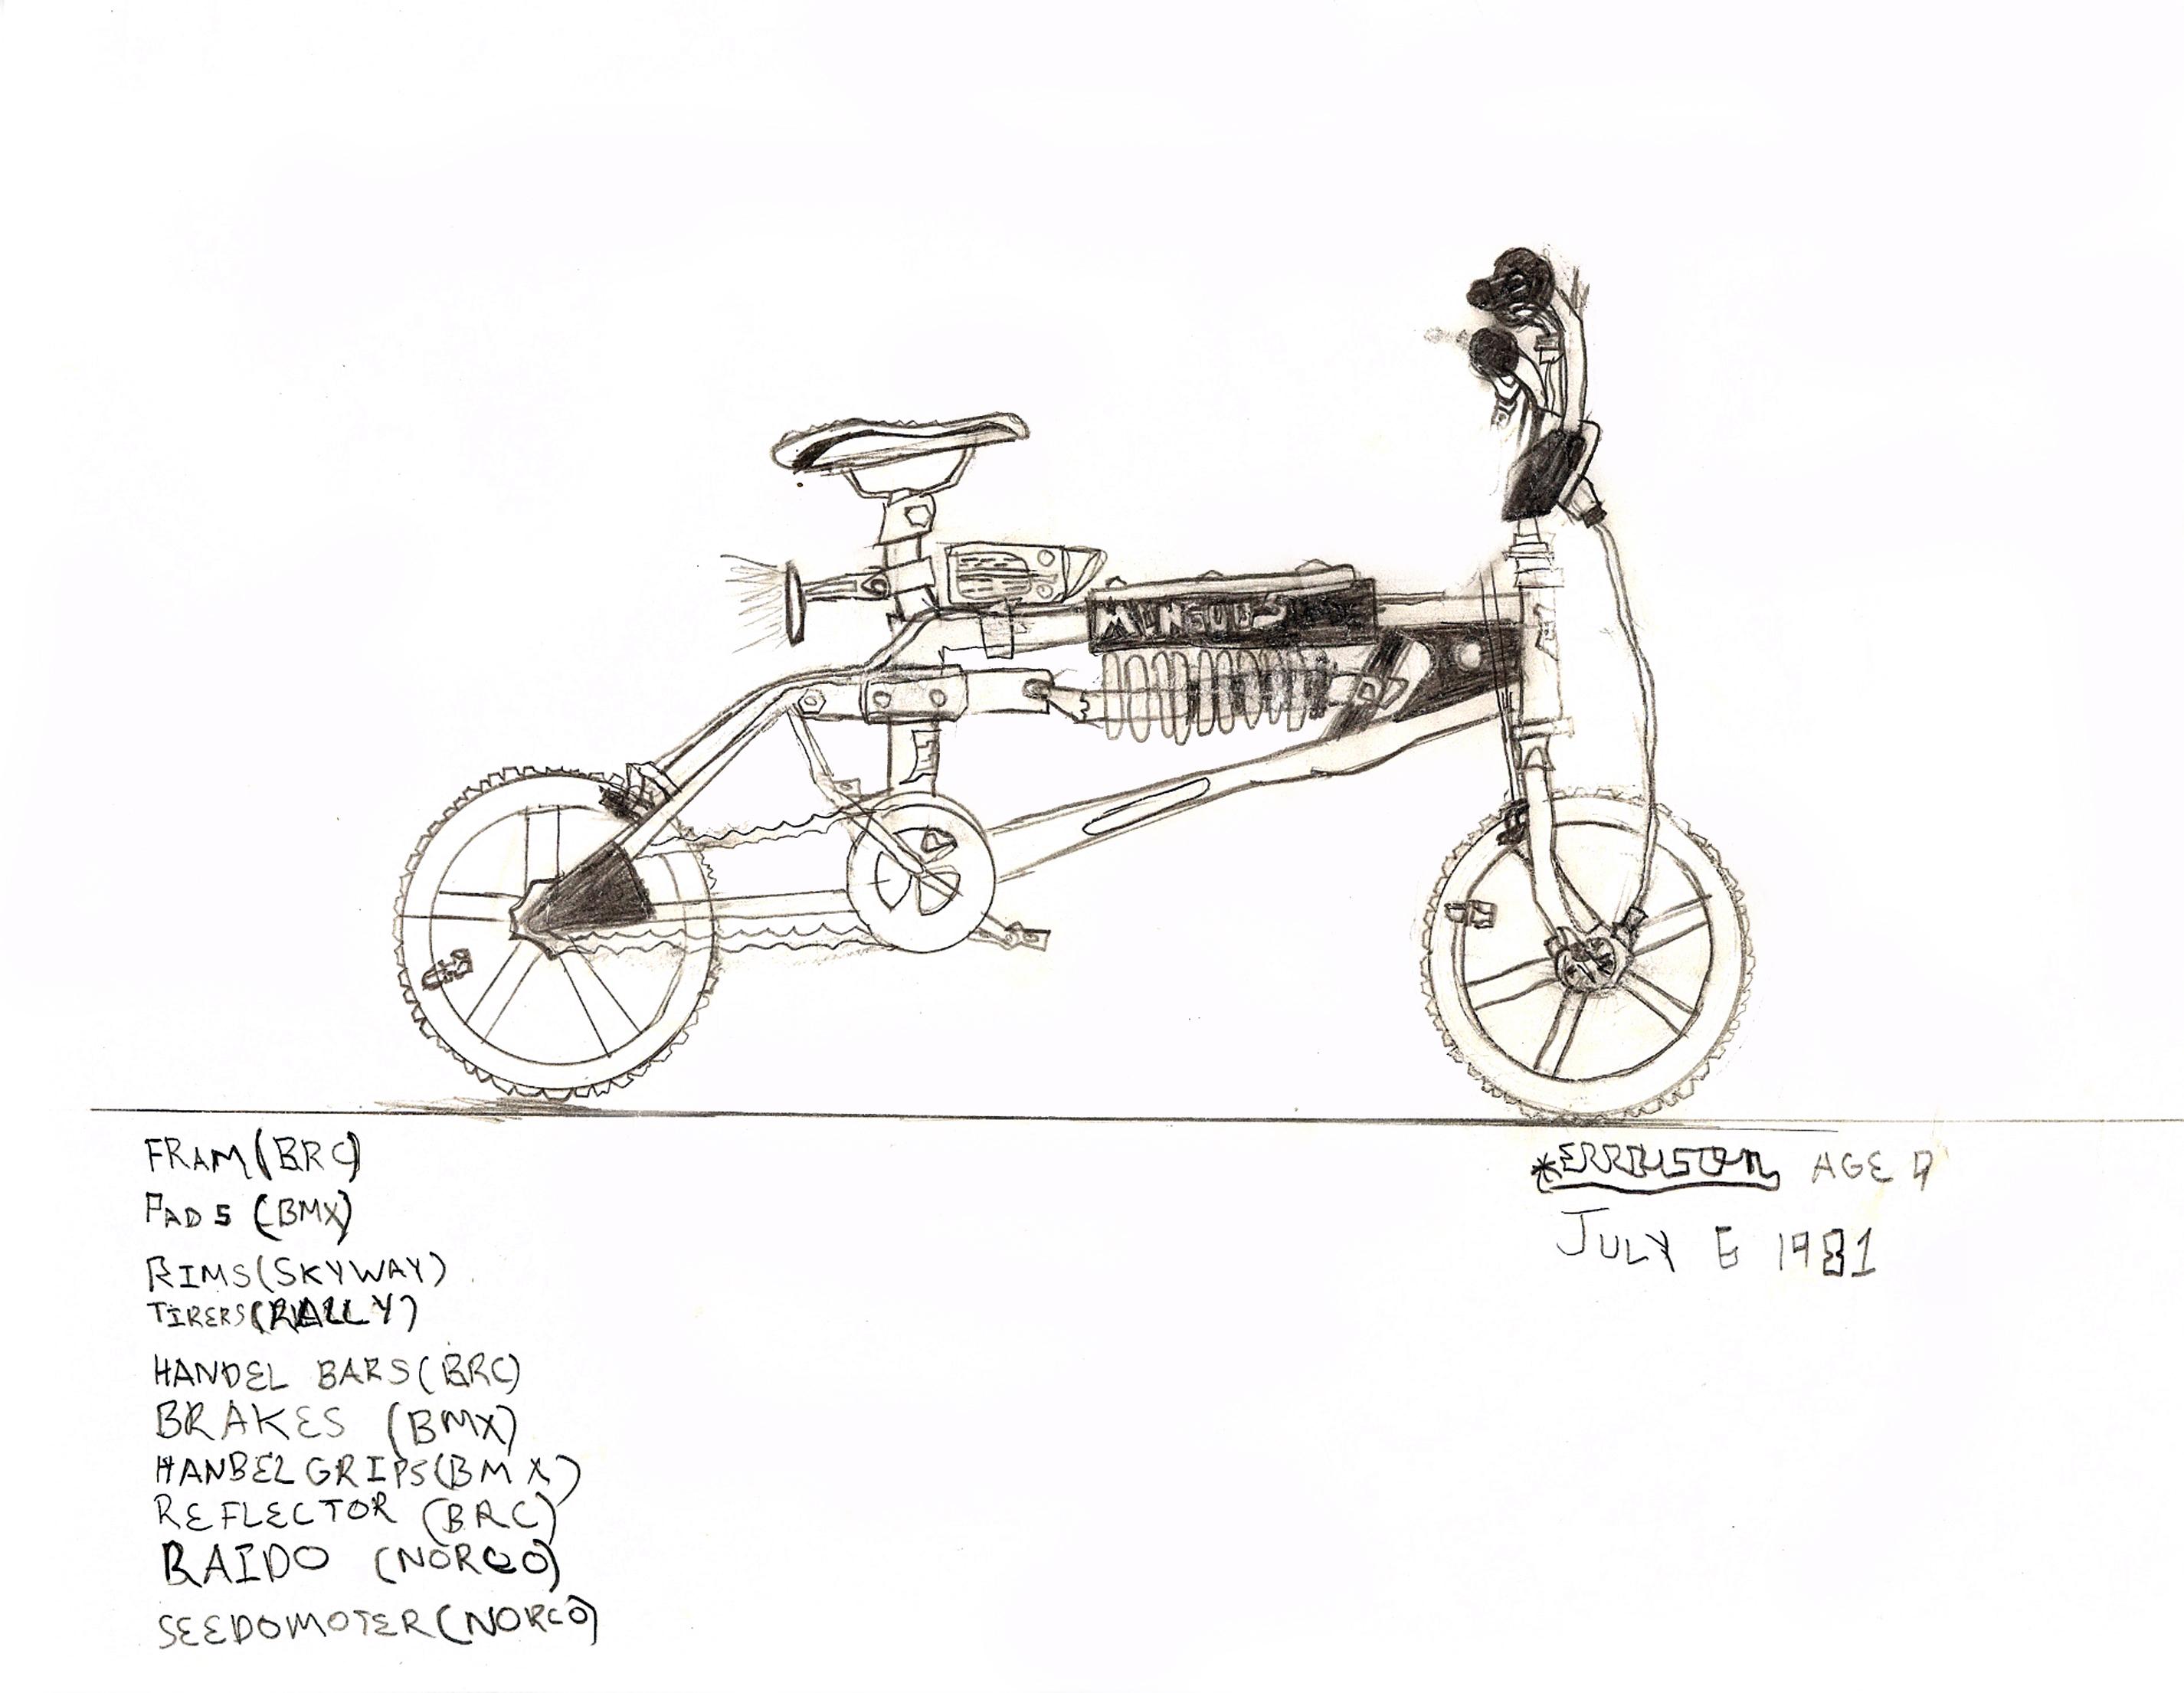 bmx-mongoose-sketch-2